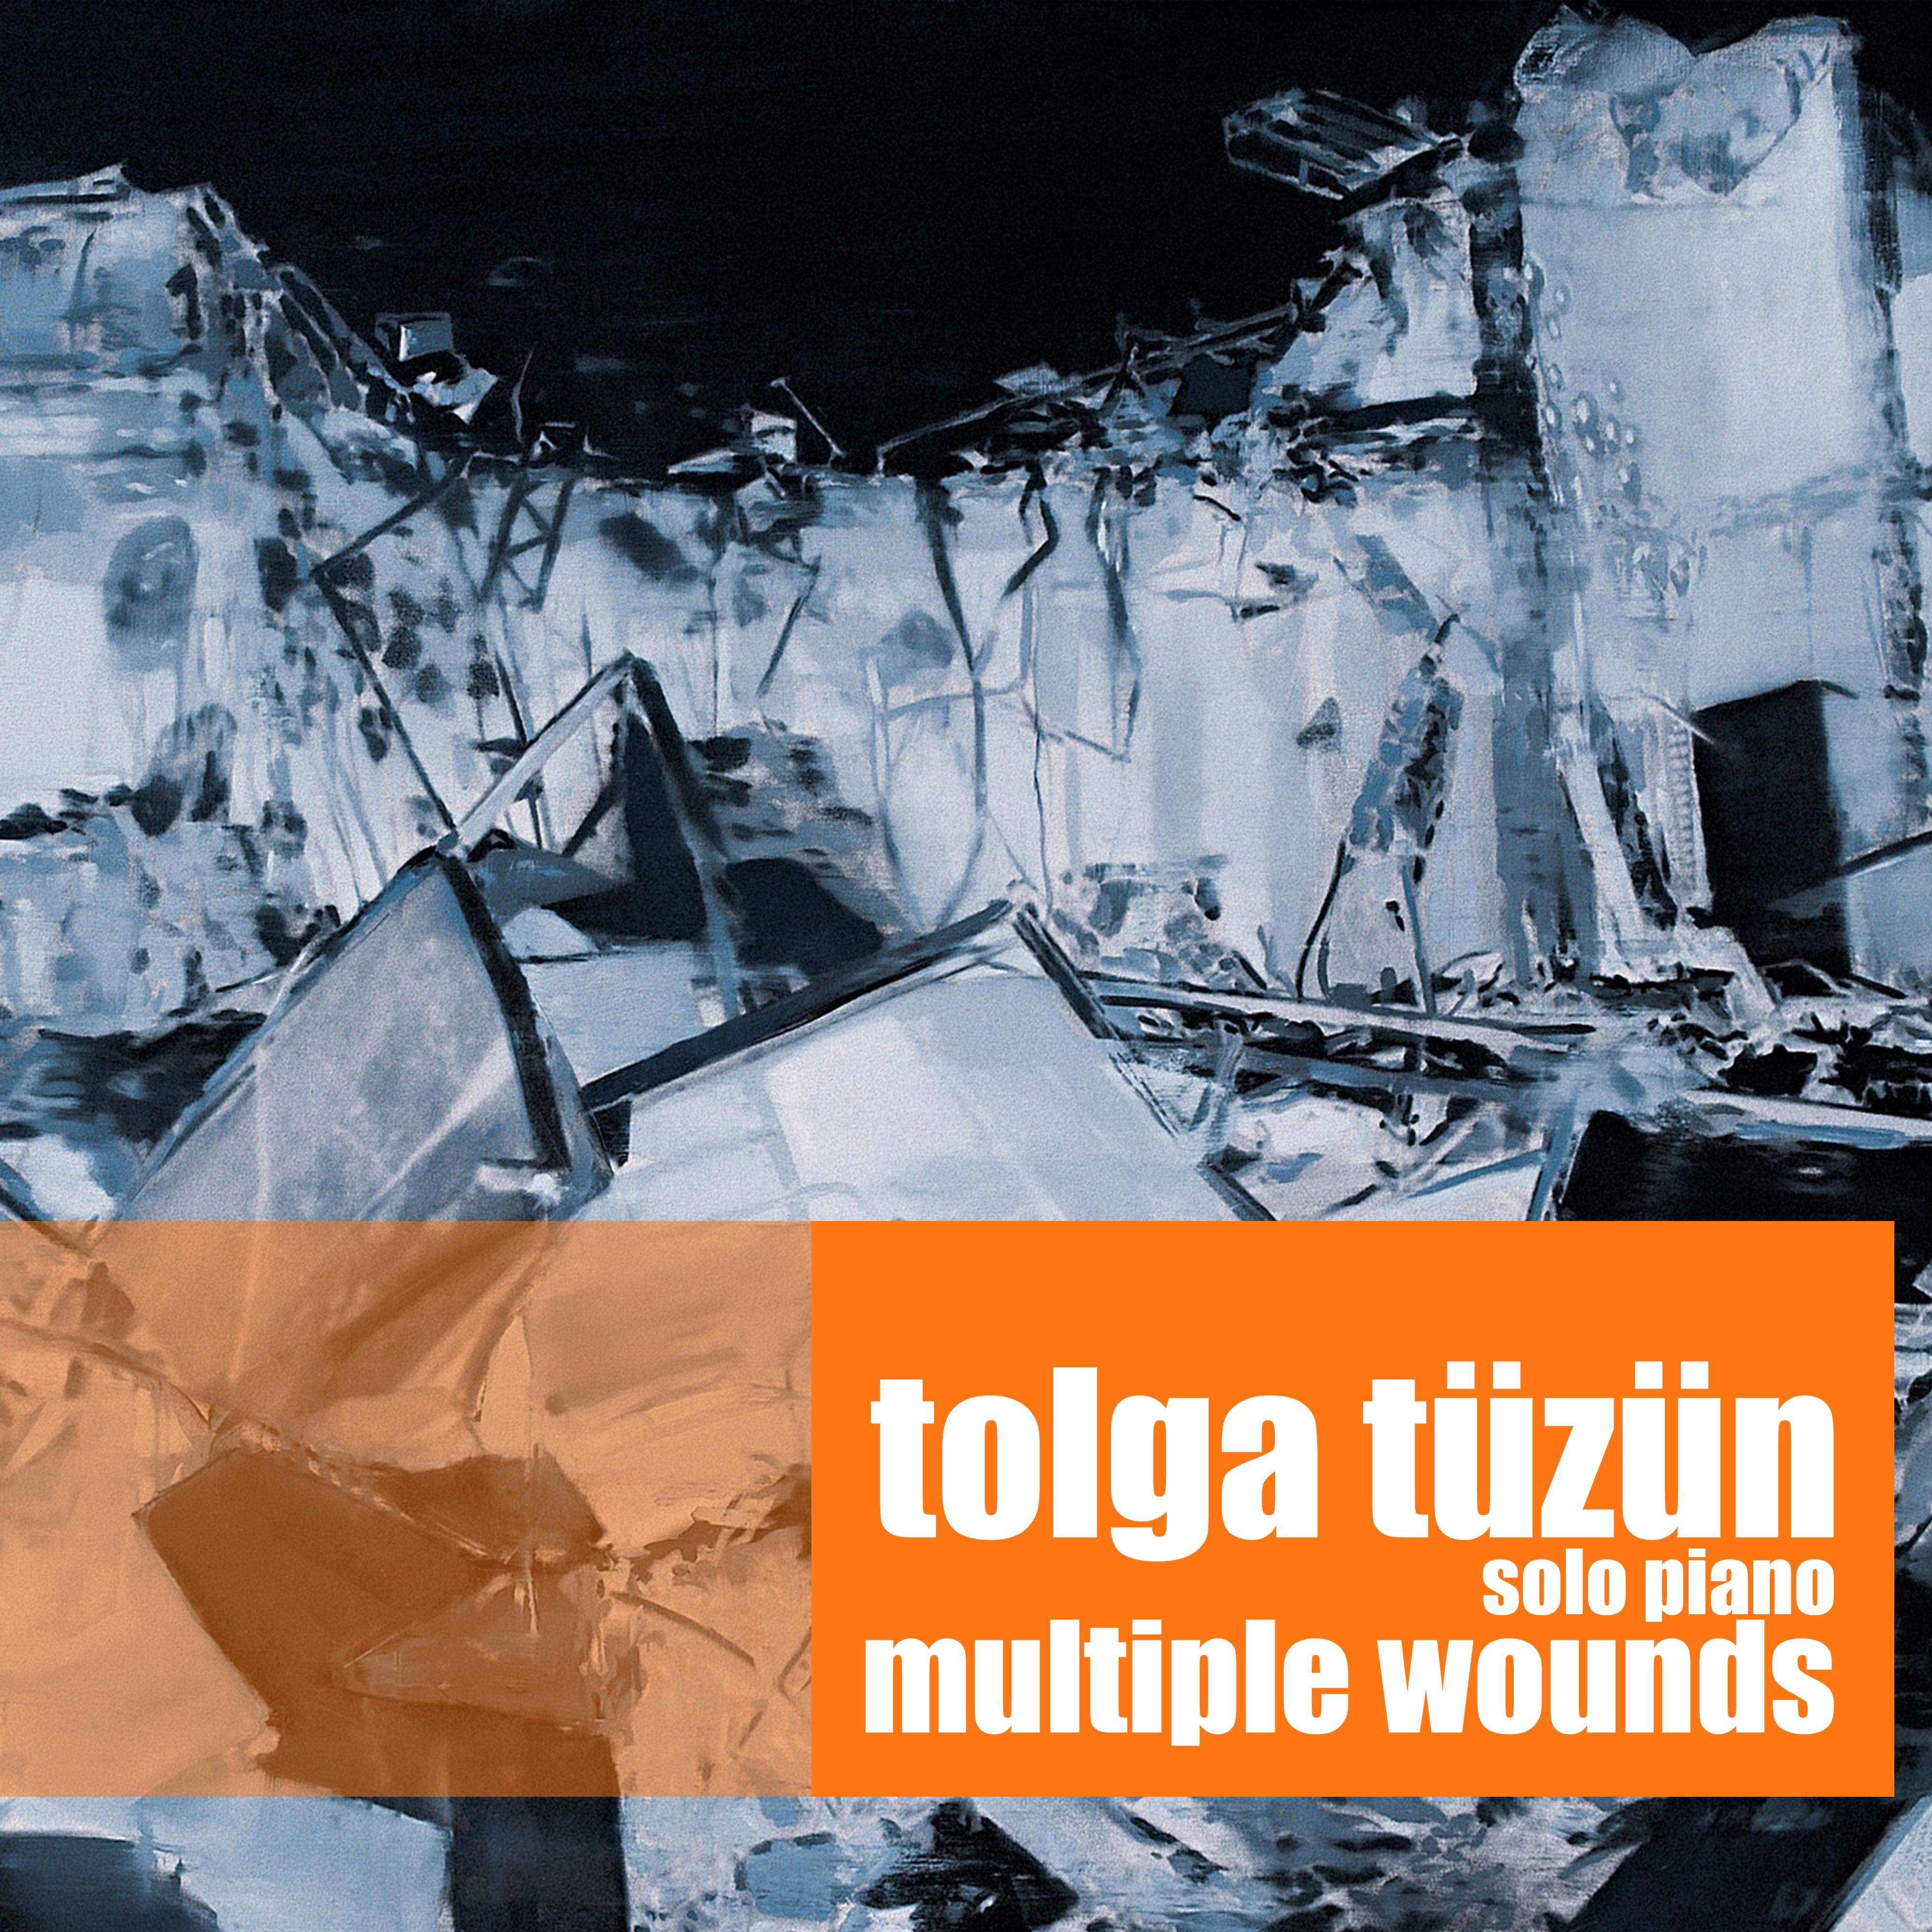 """Tolga Tüzün'ün ilk solo piyano albümü olan """"Multiple Wounds"""" çıktı!"""